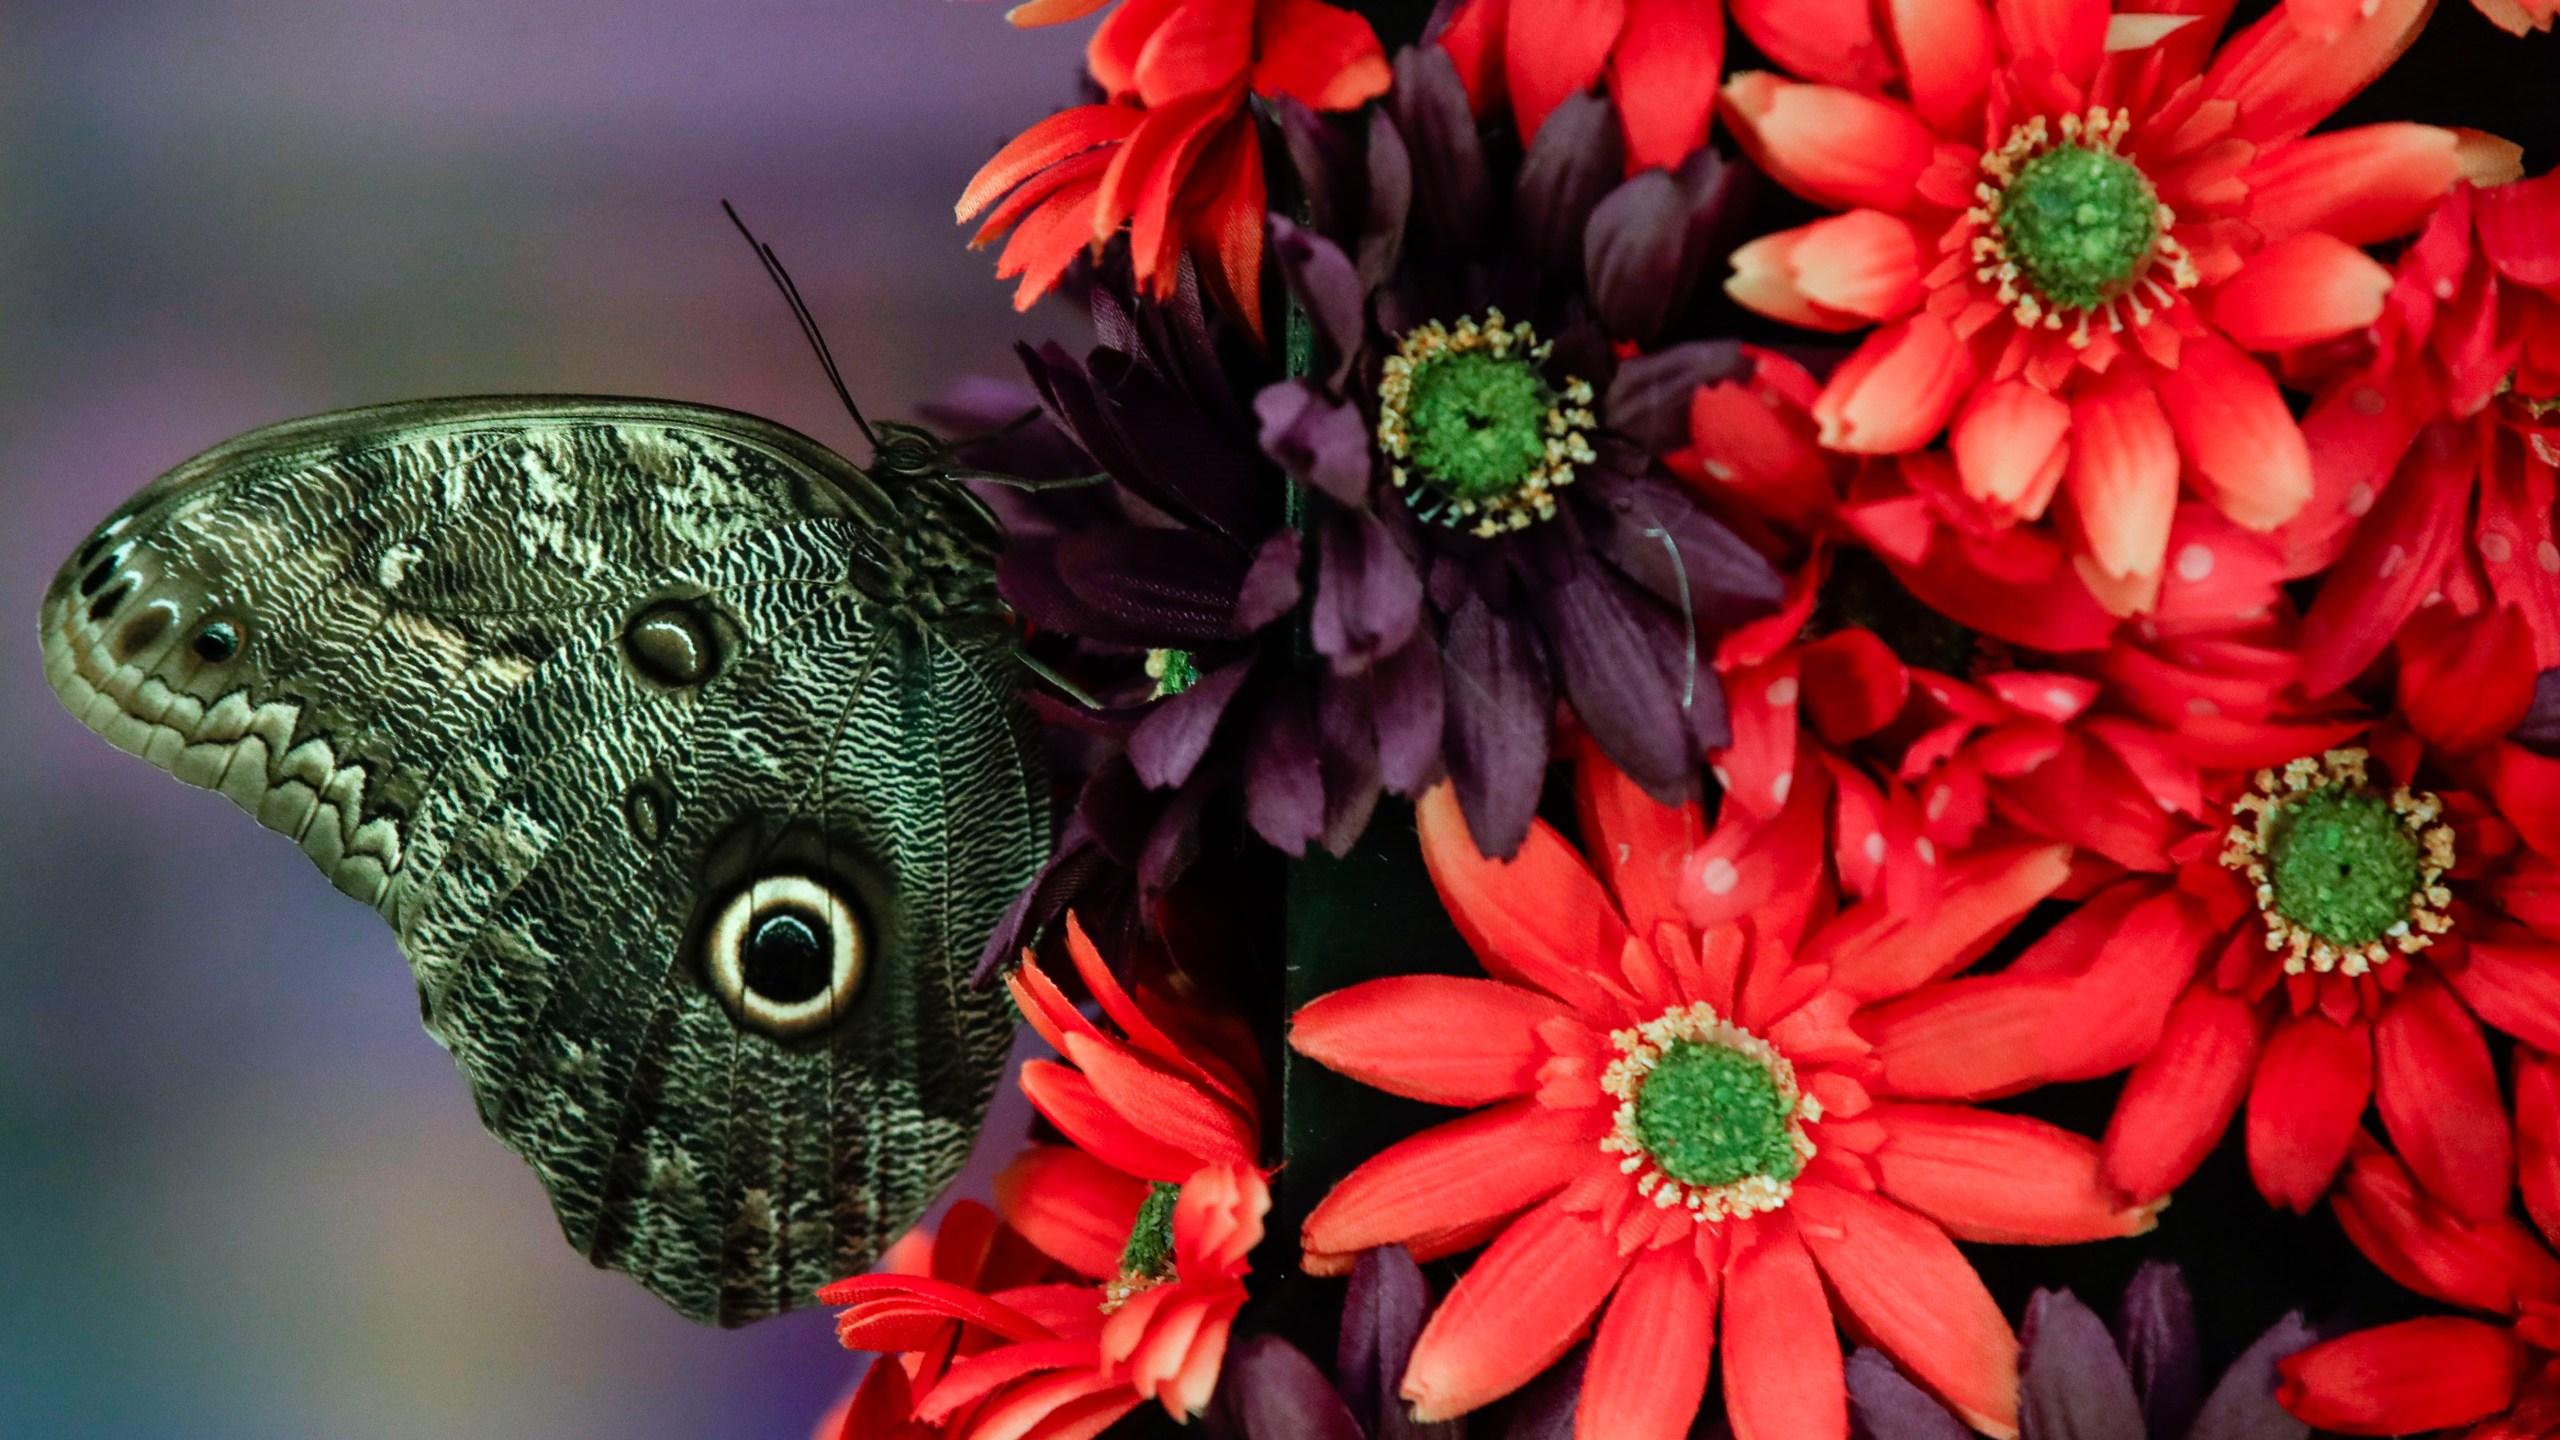 Philadelphia_Flower_Show_79960-159532.jpg06204529